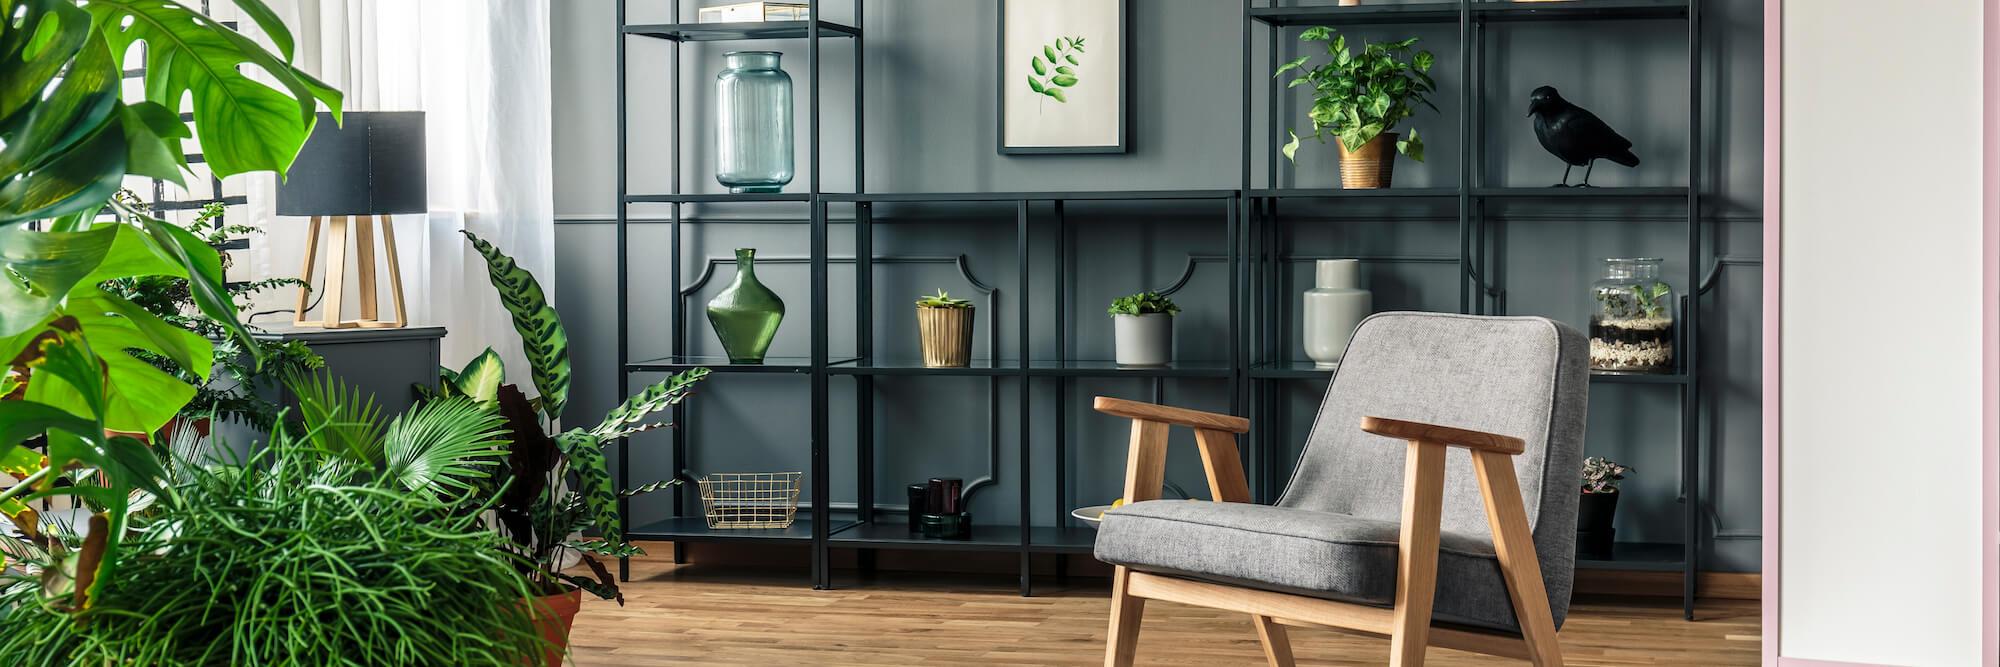 Indoor-Plant-Landscape-Design